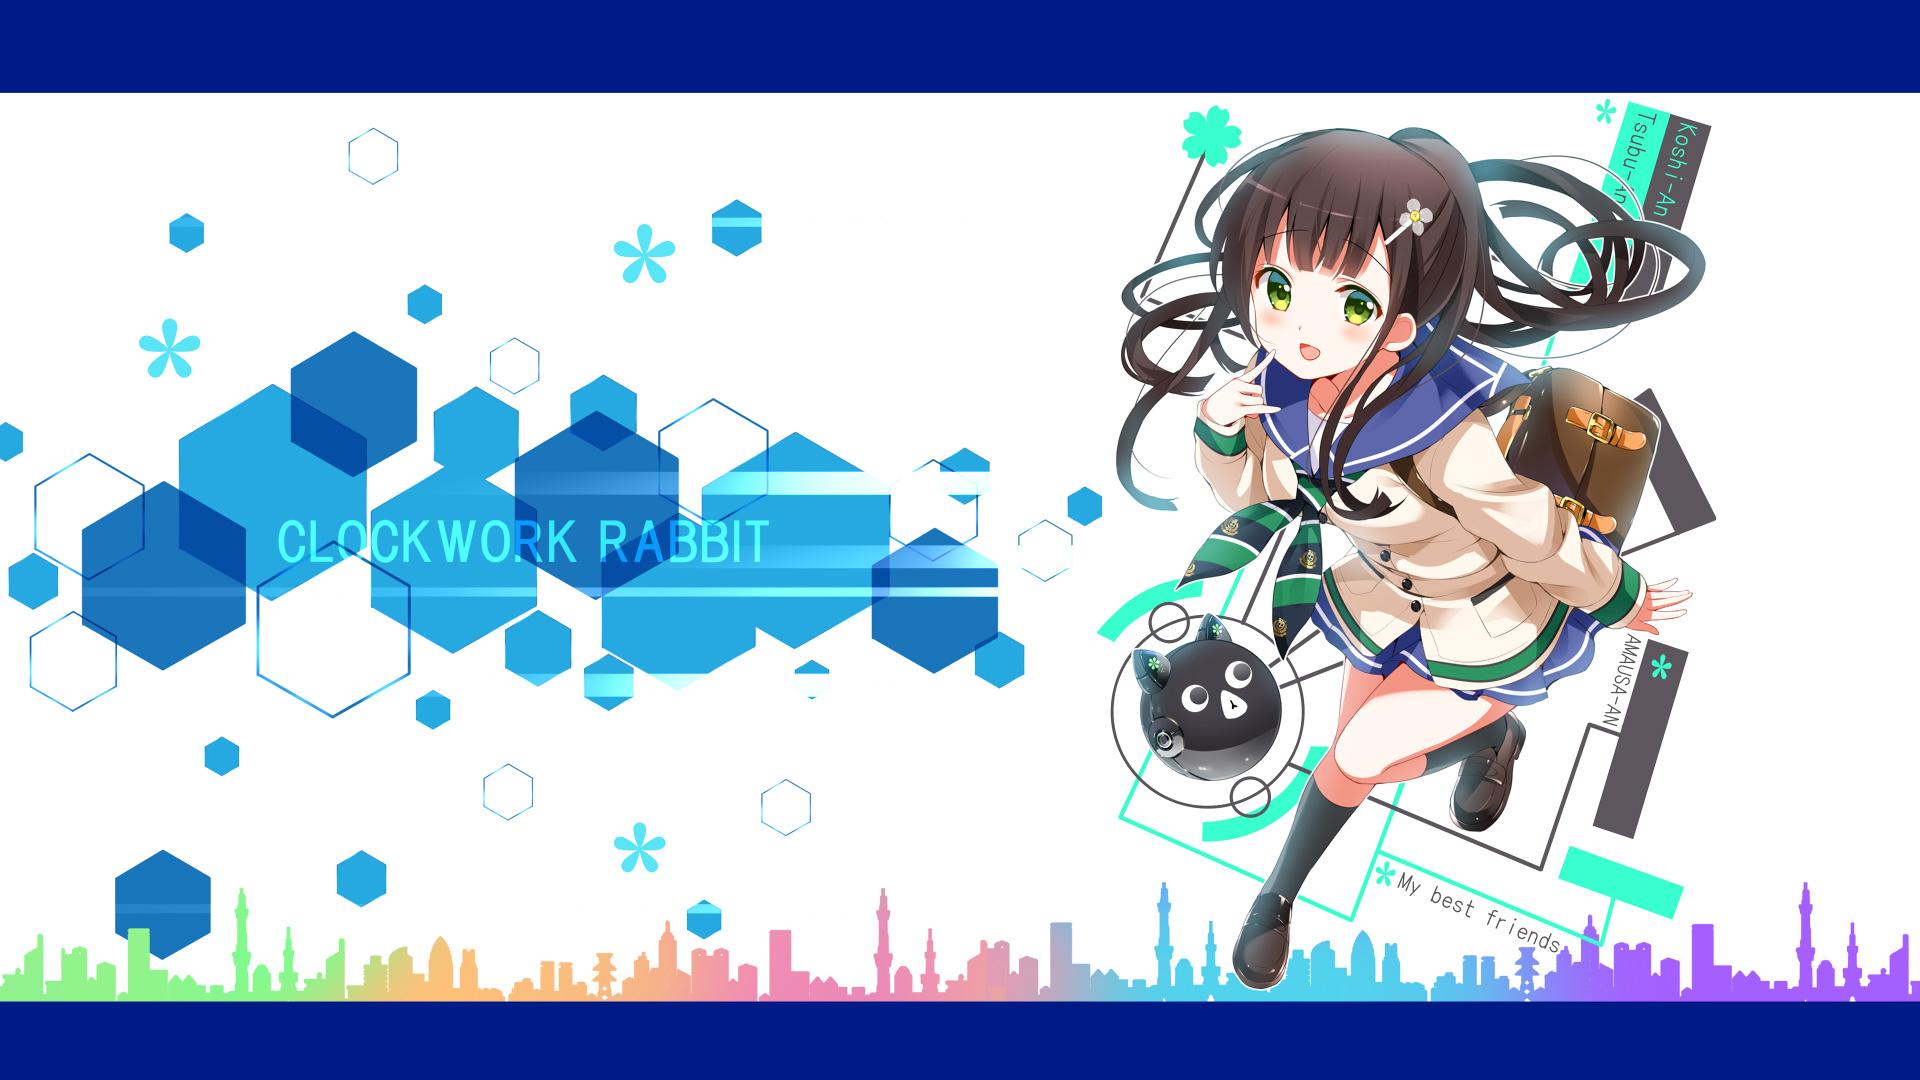 ご注文はうさぎですか?:CLOCK WORKS RABBIT-壁紙-千夜_pc